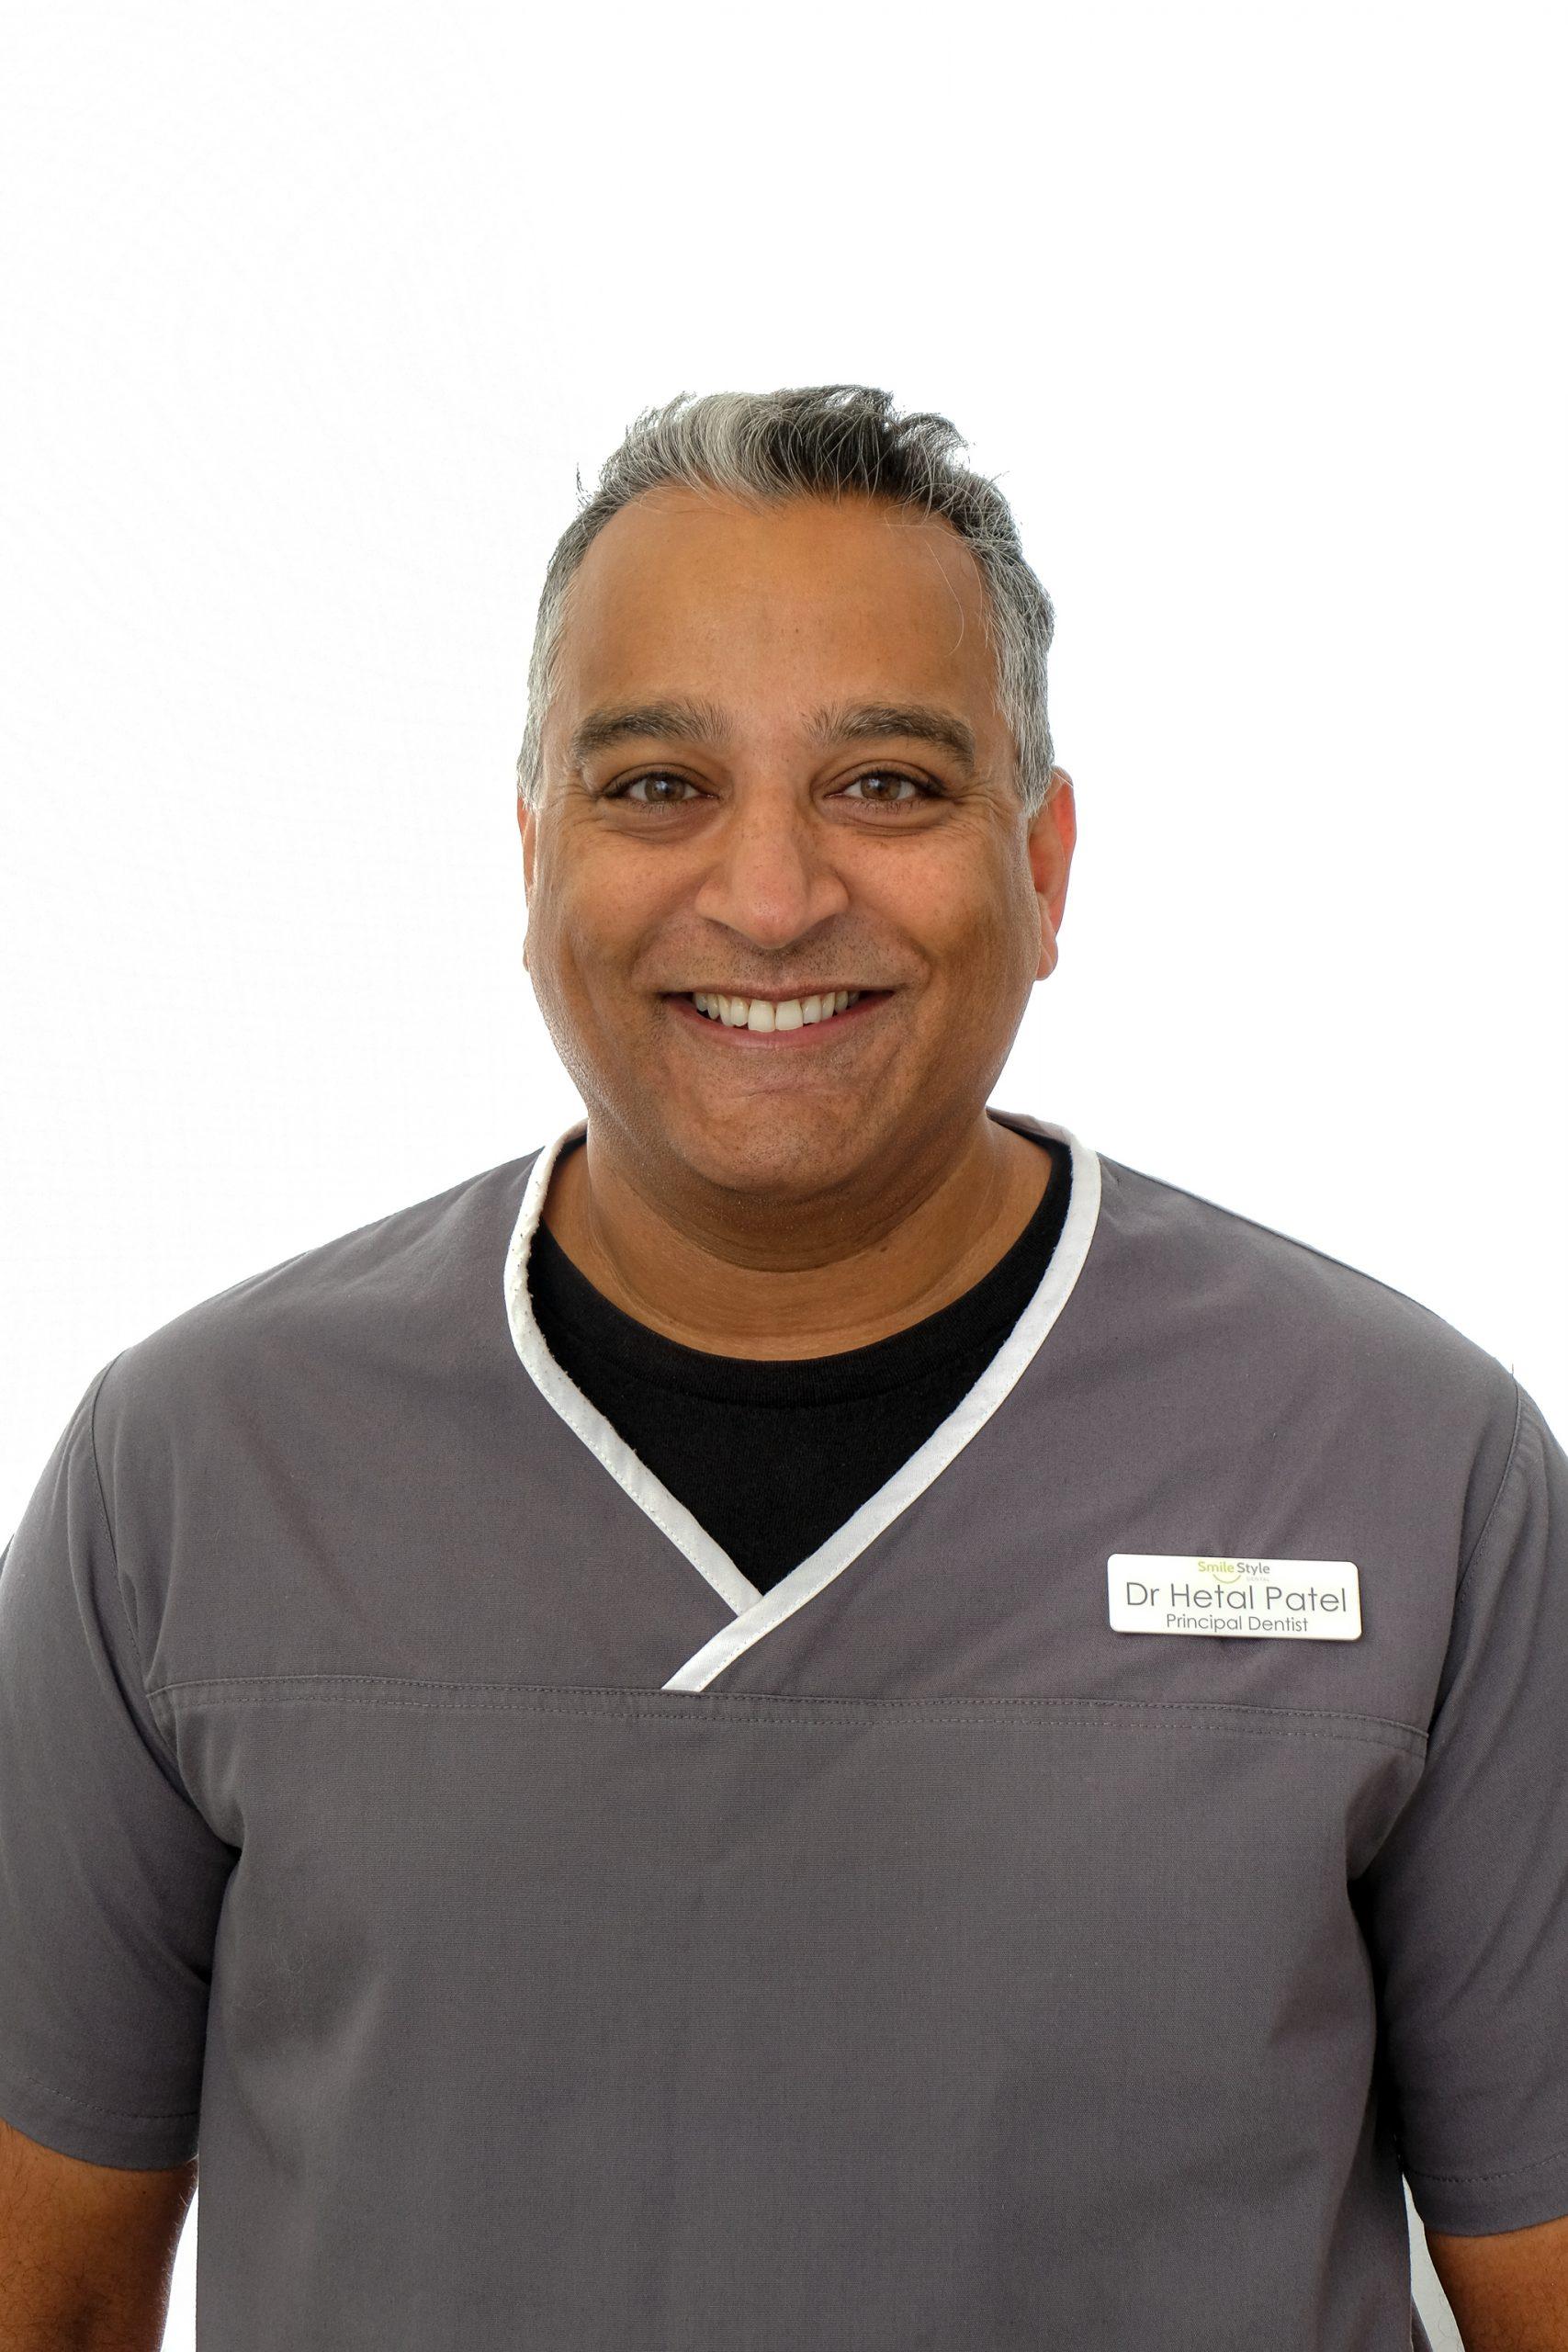 Dr. Hetal Patel